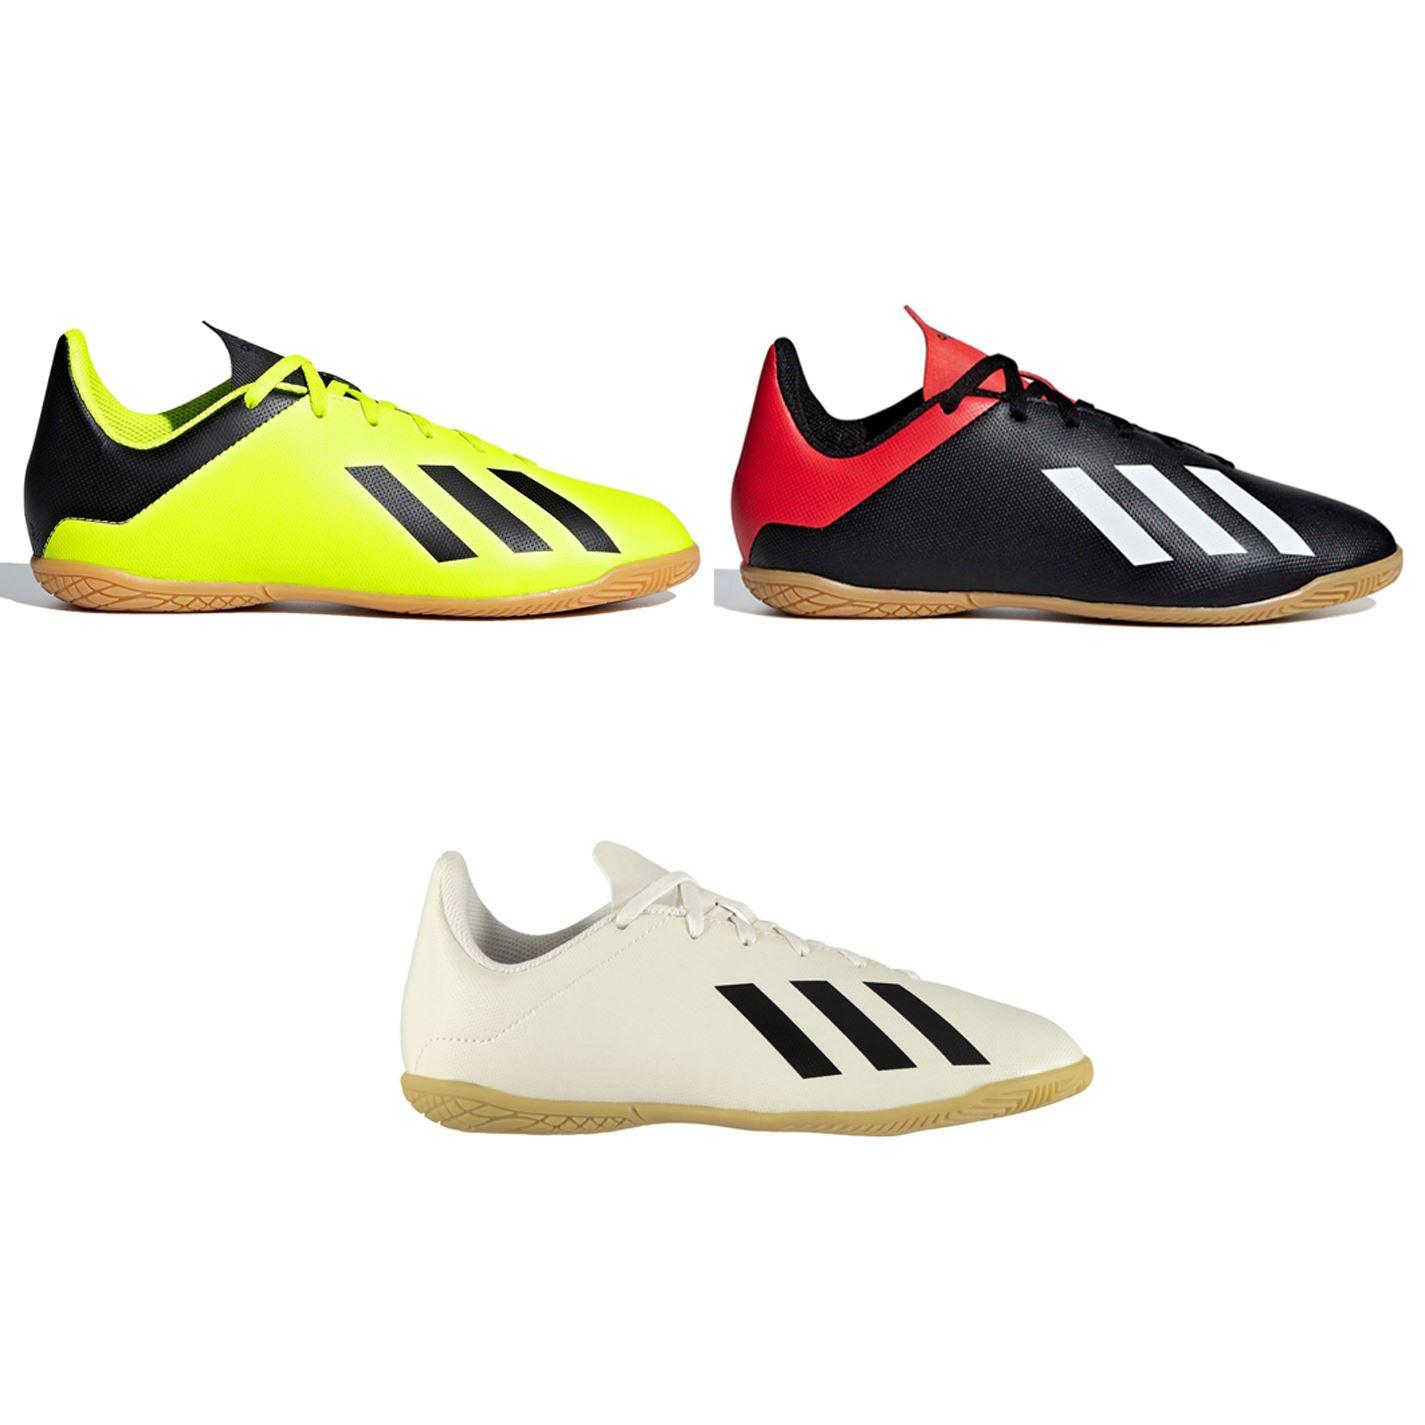 Details zu Adidas Tango X 18.4 Hallenfußball Trainers Kinder Fußball Schuhe Sneaker